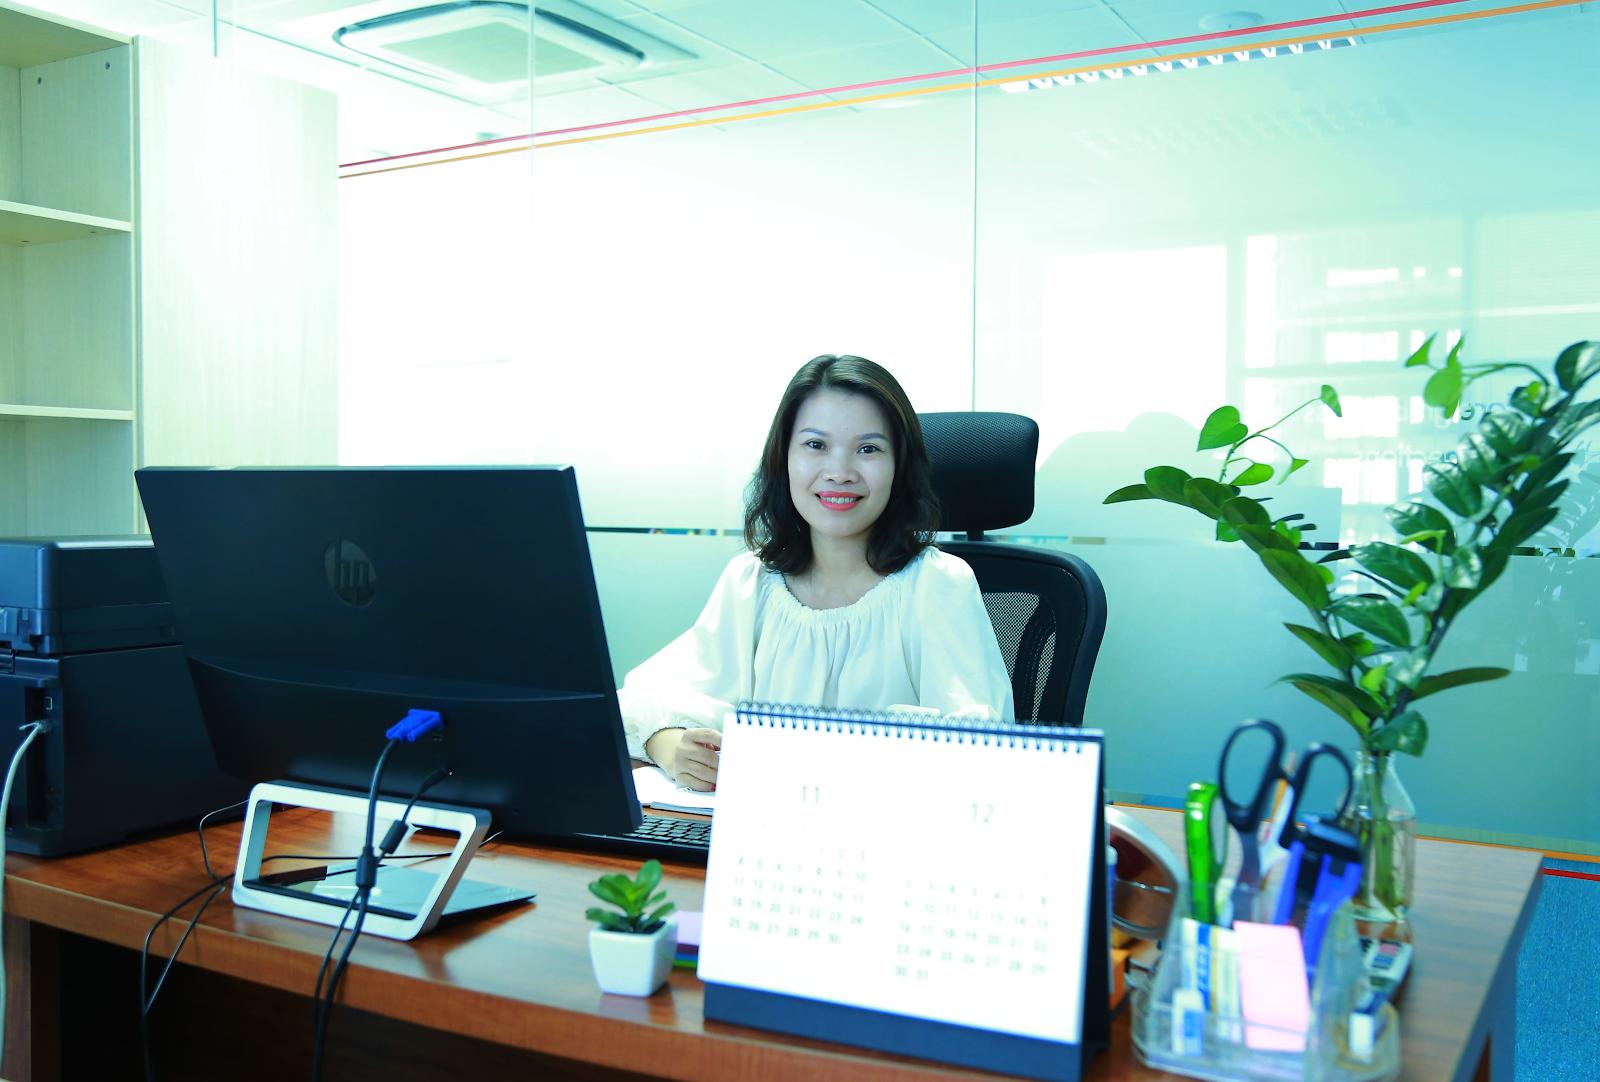 Chị Nguyễn Thị Hồng Thơm - Kế toán trưởng Công ty TNHH Holdings Việt Nam Hồng Kông